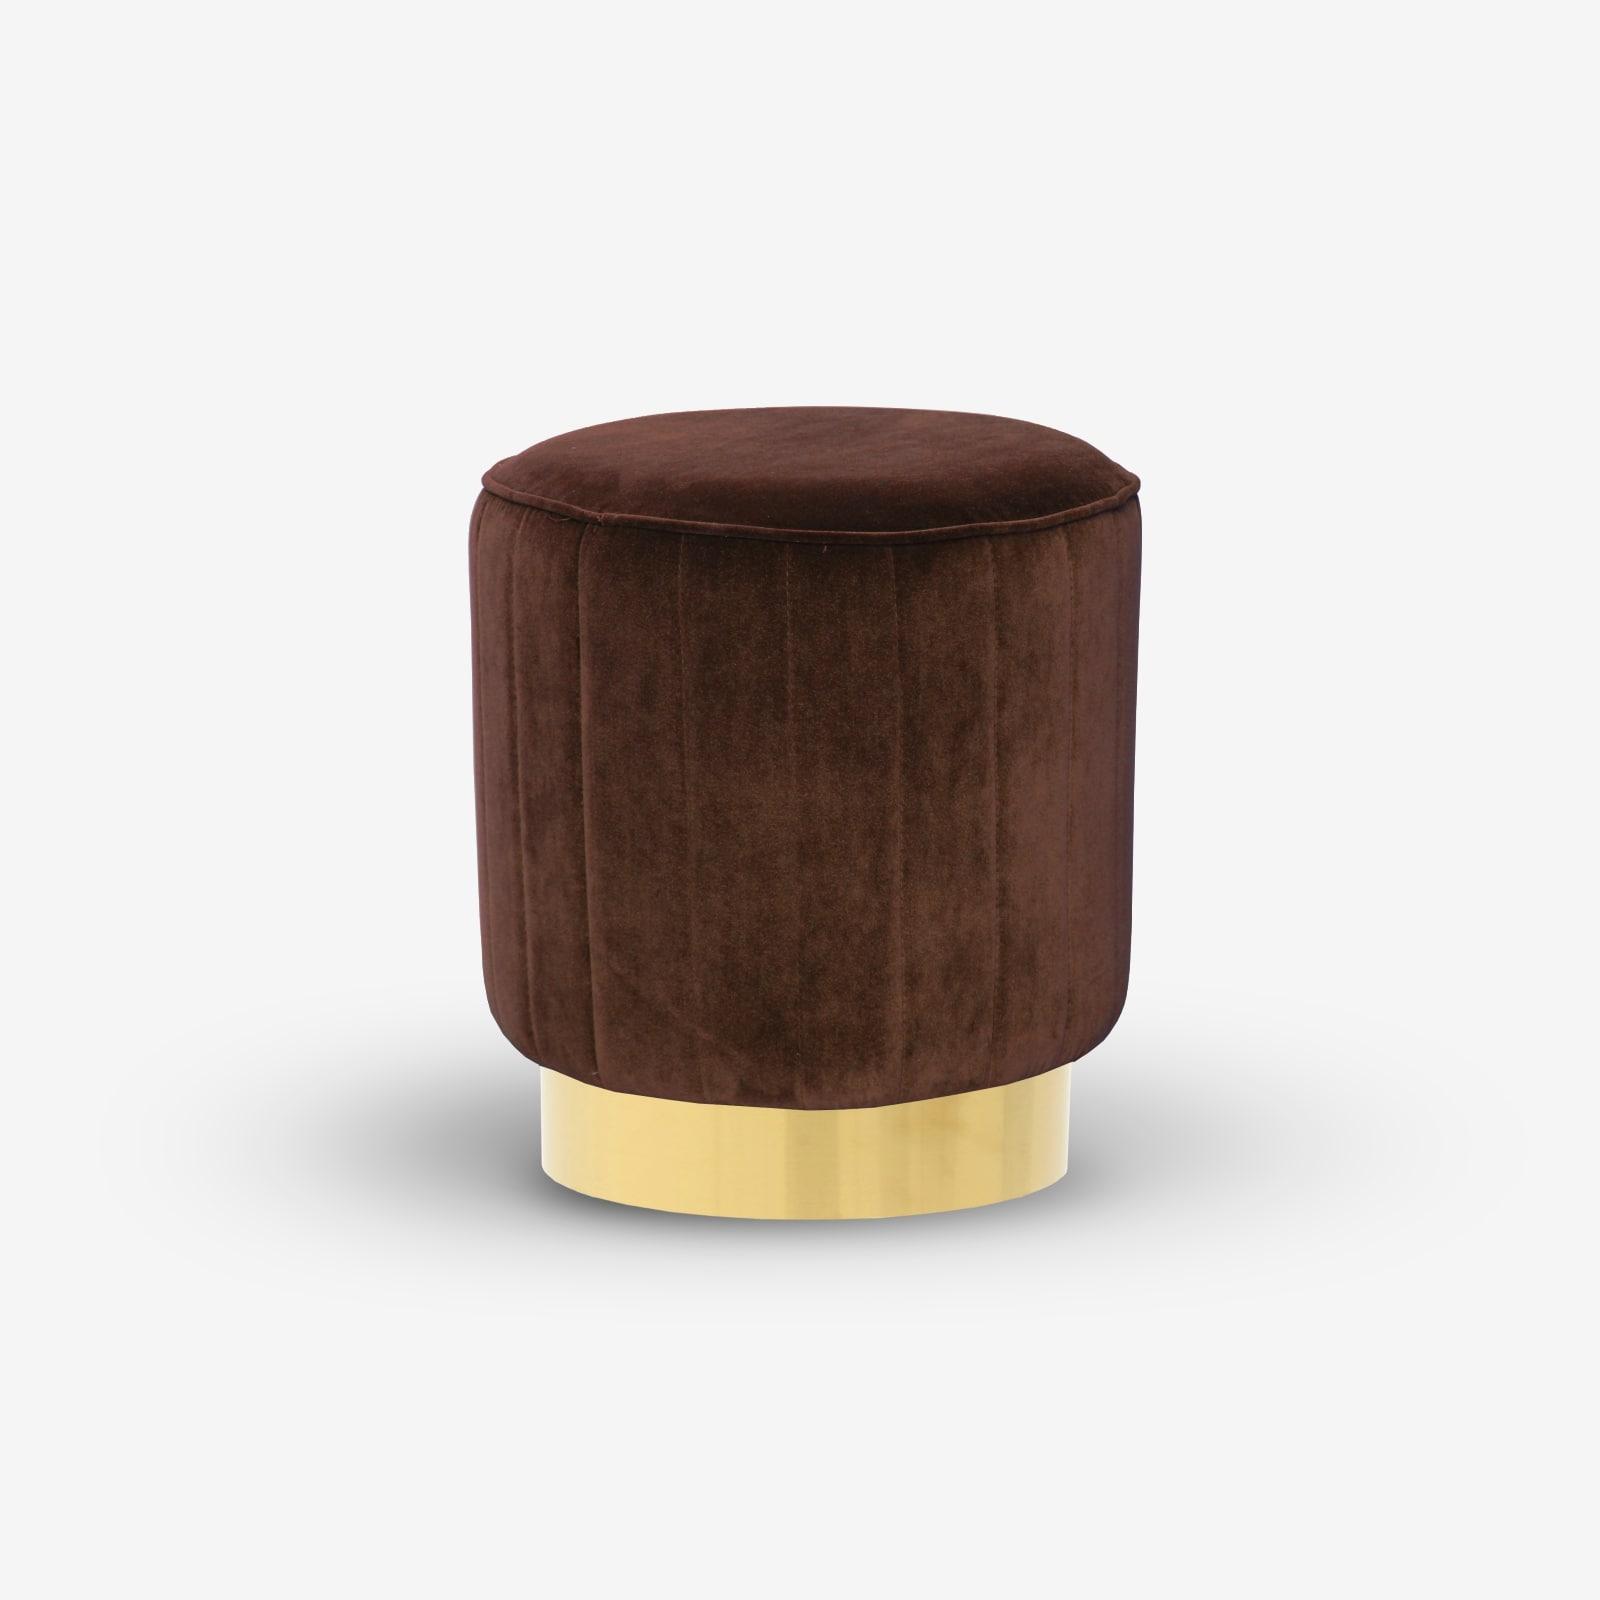 produzione-pouf-in-velluto-lesene-e-oro-pouf-in-metallo-oro-pouf-in-velluto-per-arredamento-contract-pouf-per-ristoranti-pouf-arredamento-bar-alberghi-negozi-uffici-OTTO-mor